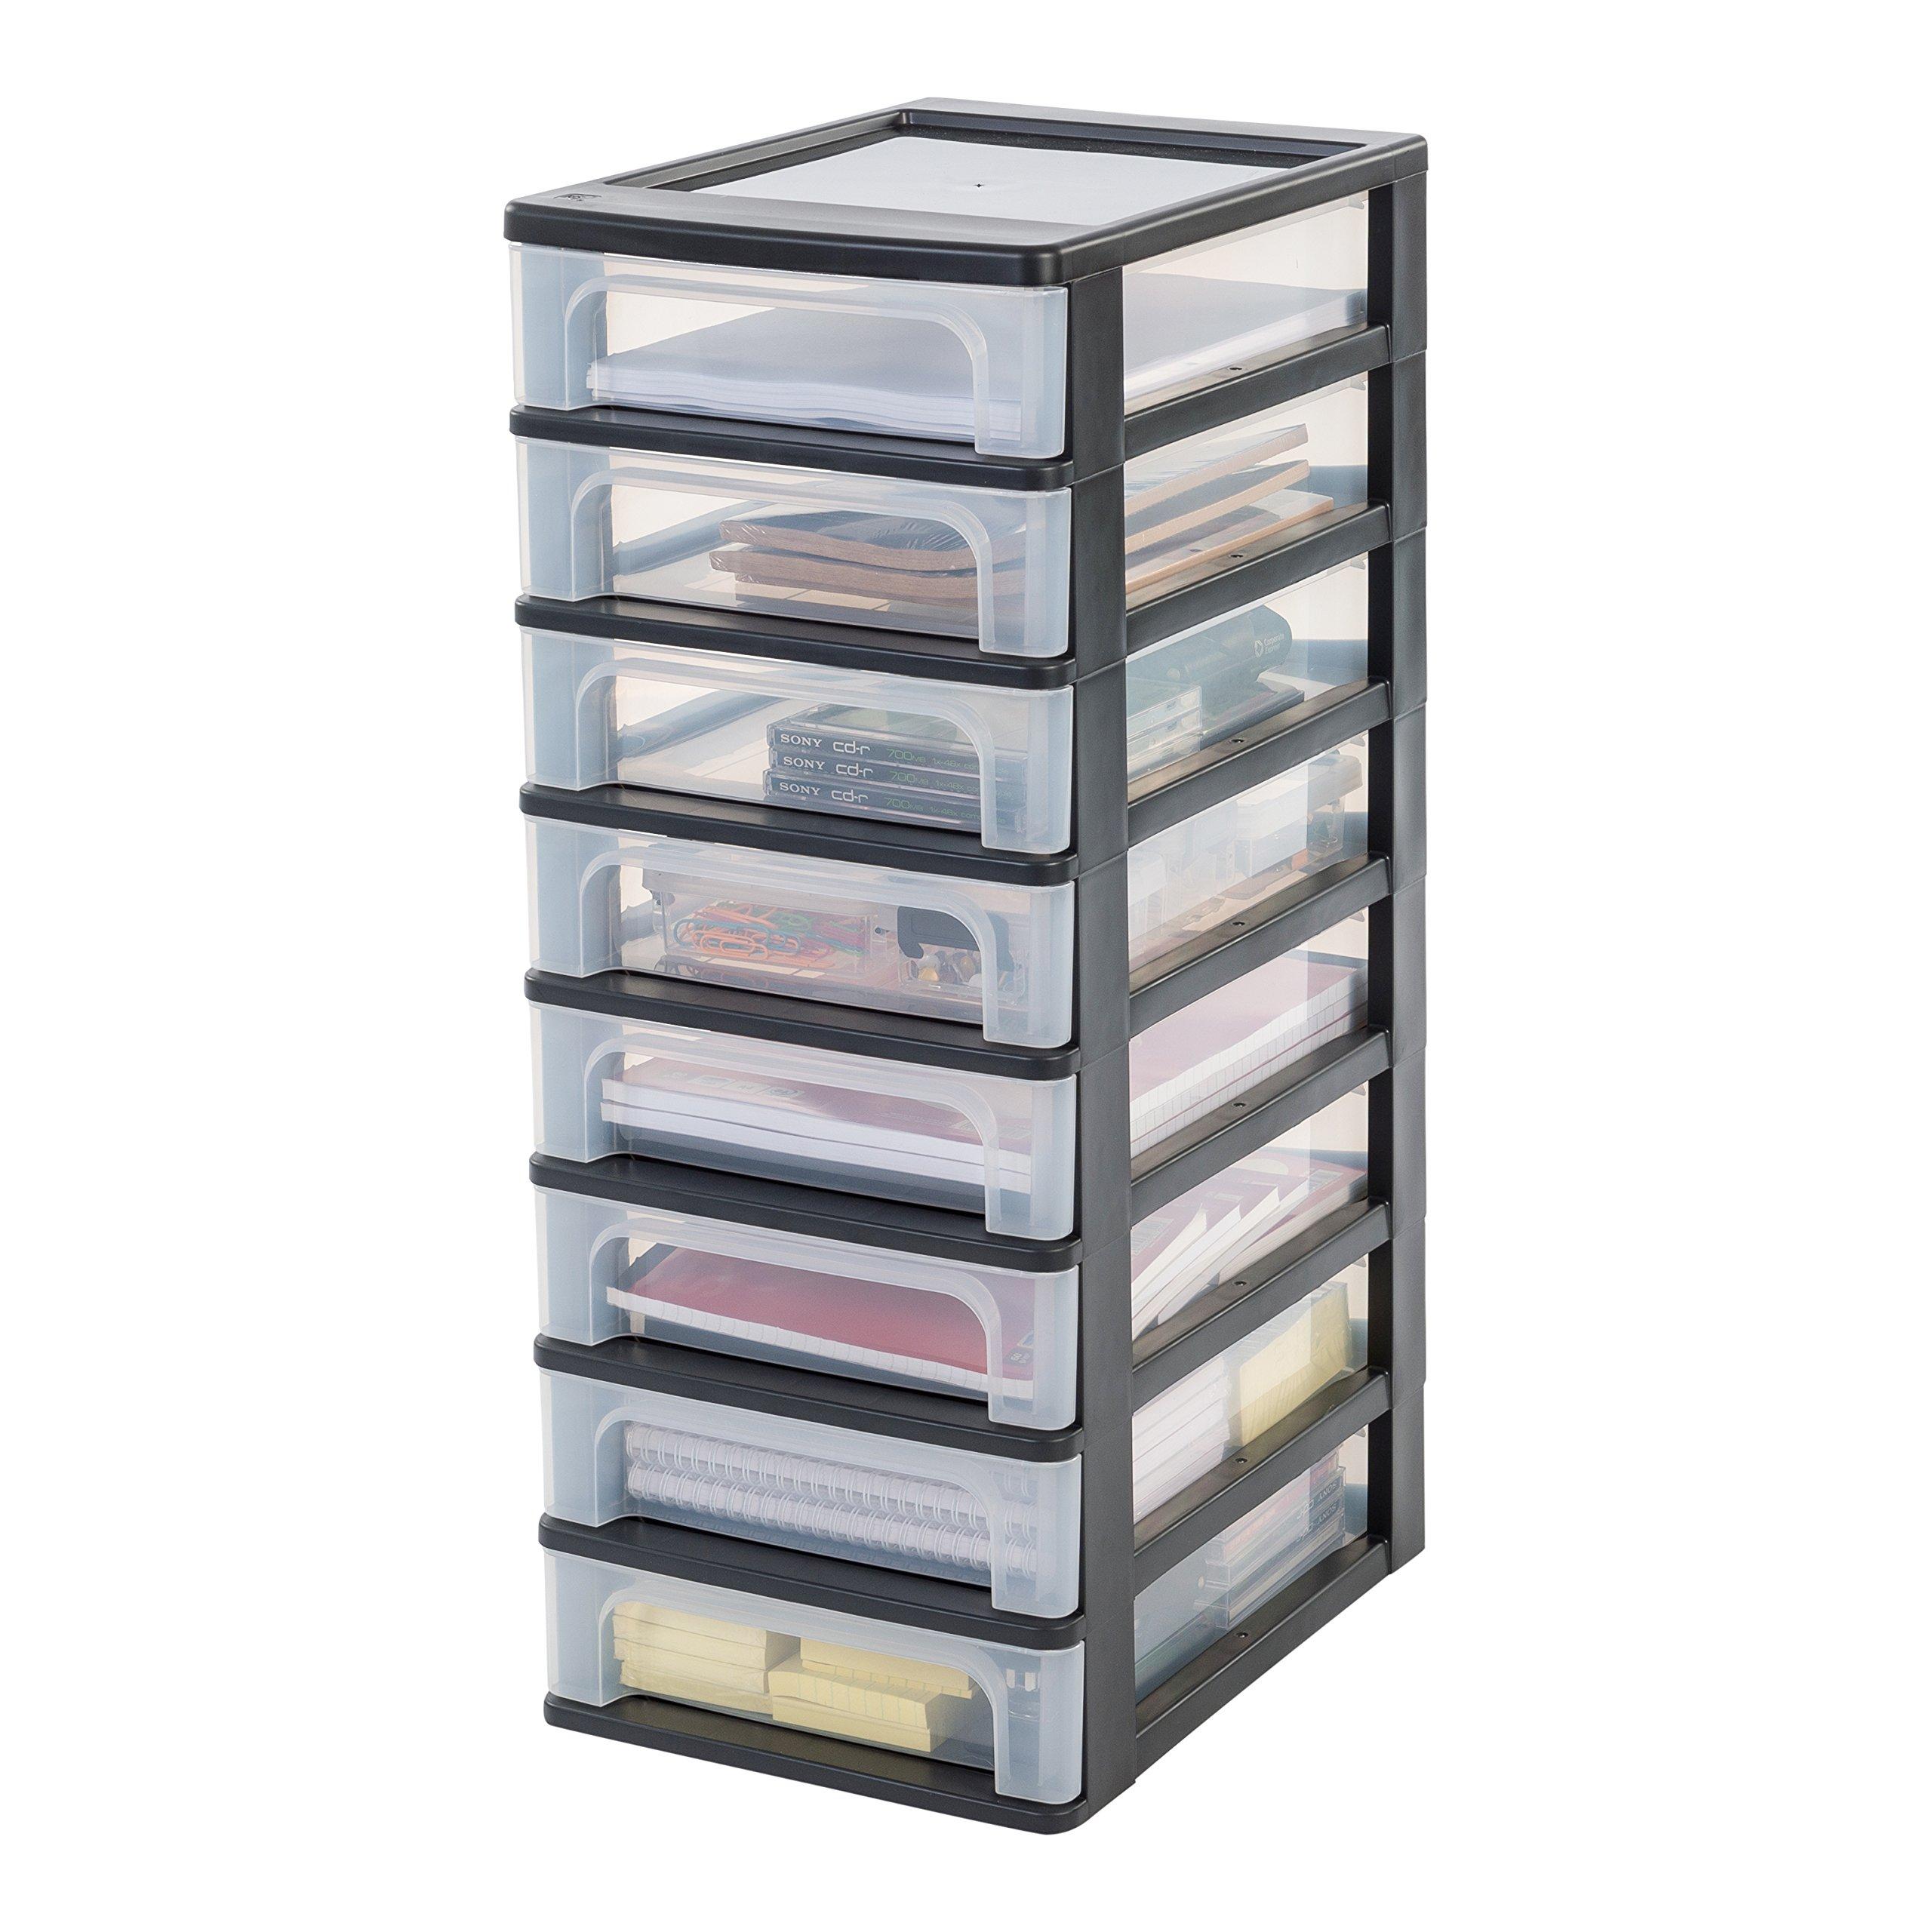 Einzigartig Rollcontainer Kunststoff Galerie Von Iris Organizer Chest Och-2080 Schubladencontainer-/schrank, Kunststoff, Schwarz/transparent,